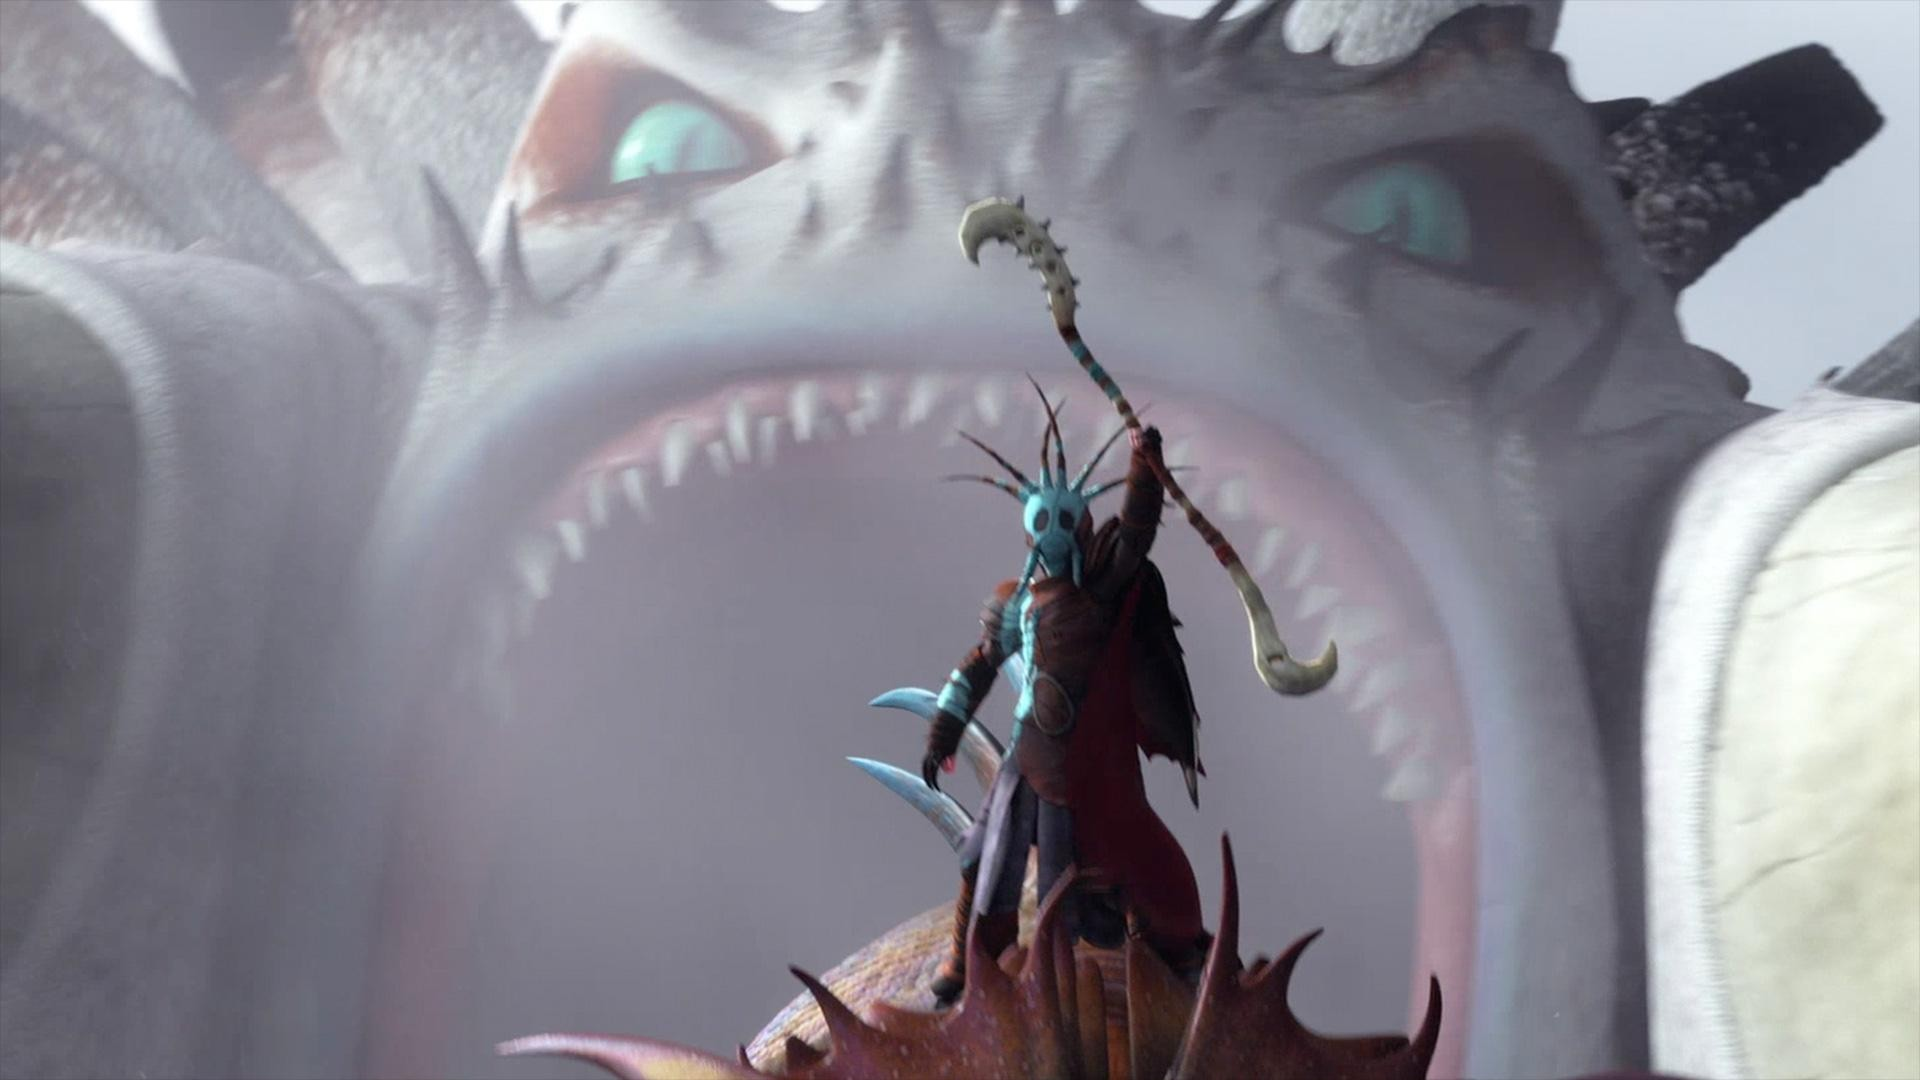 Crítica De La Película Cómo Entrenar A Tu Dragón 2 Silenzine